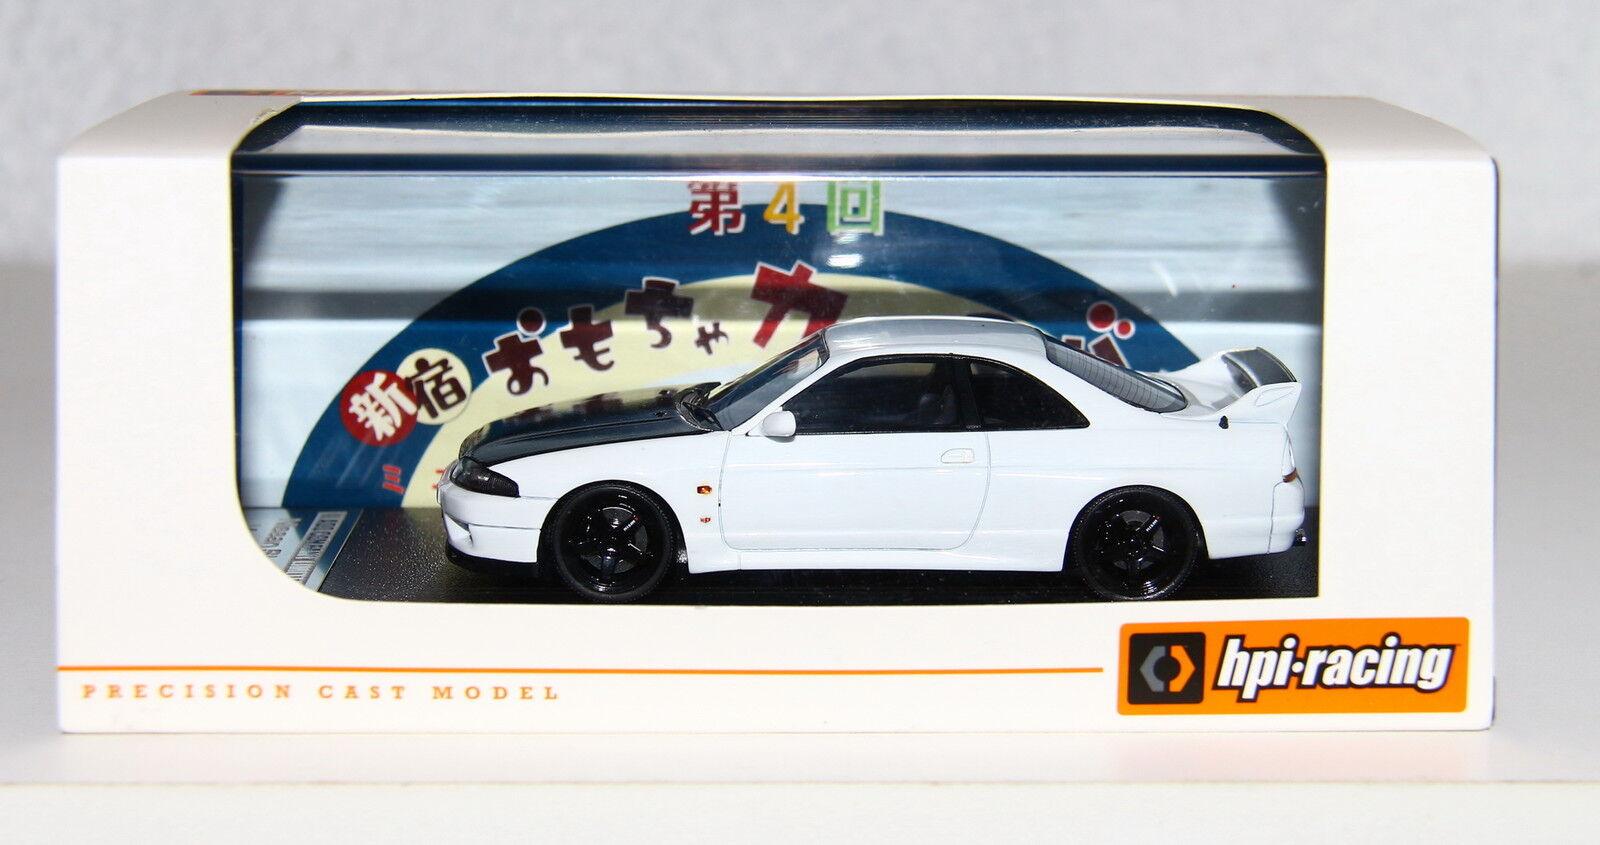 HPI Racing 8869 1 43 Nissan R33 Skyline GT-R V-spec N1 Limited Edit RARE